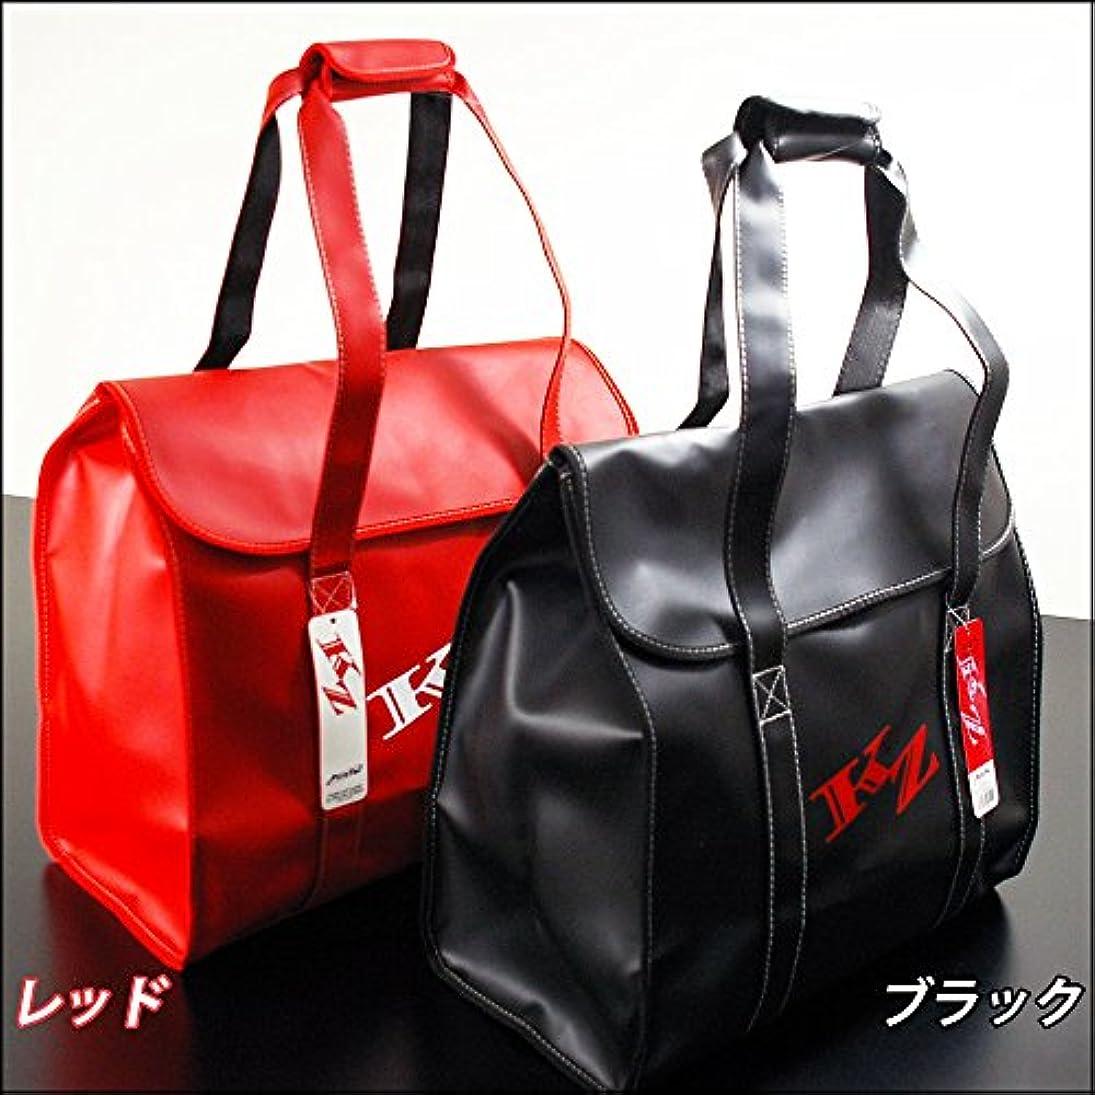 アクション国籍飢饉風斬 HERA EQ サブバッグ ブラック (50266-bk)|ヘラブナ用品 へらバッグ クッション へらぶな へら 道具 収納